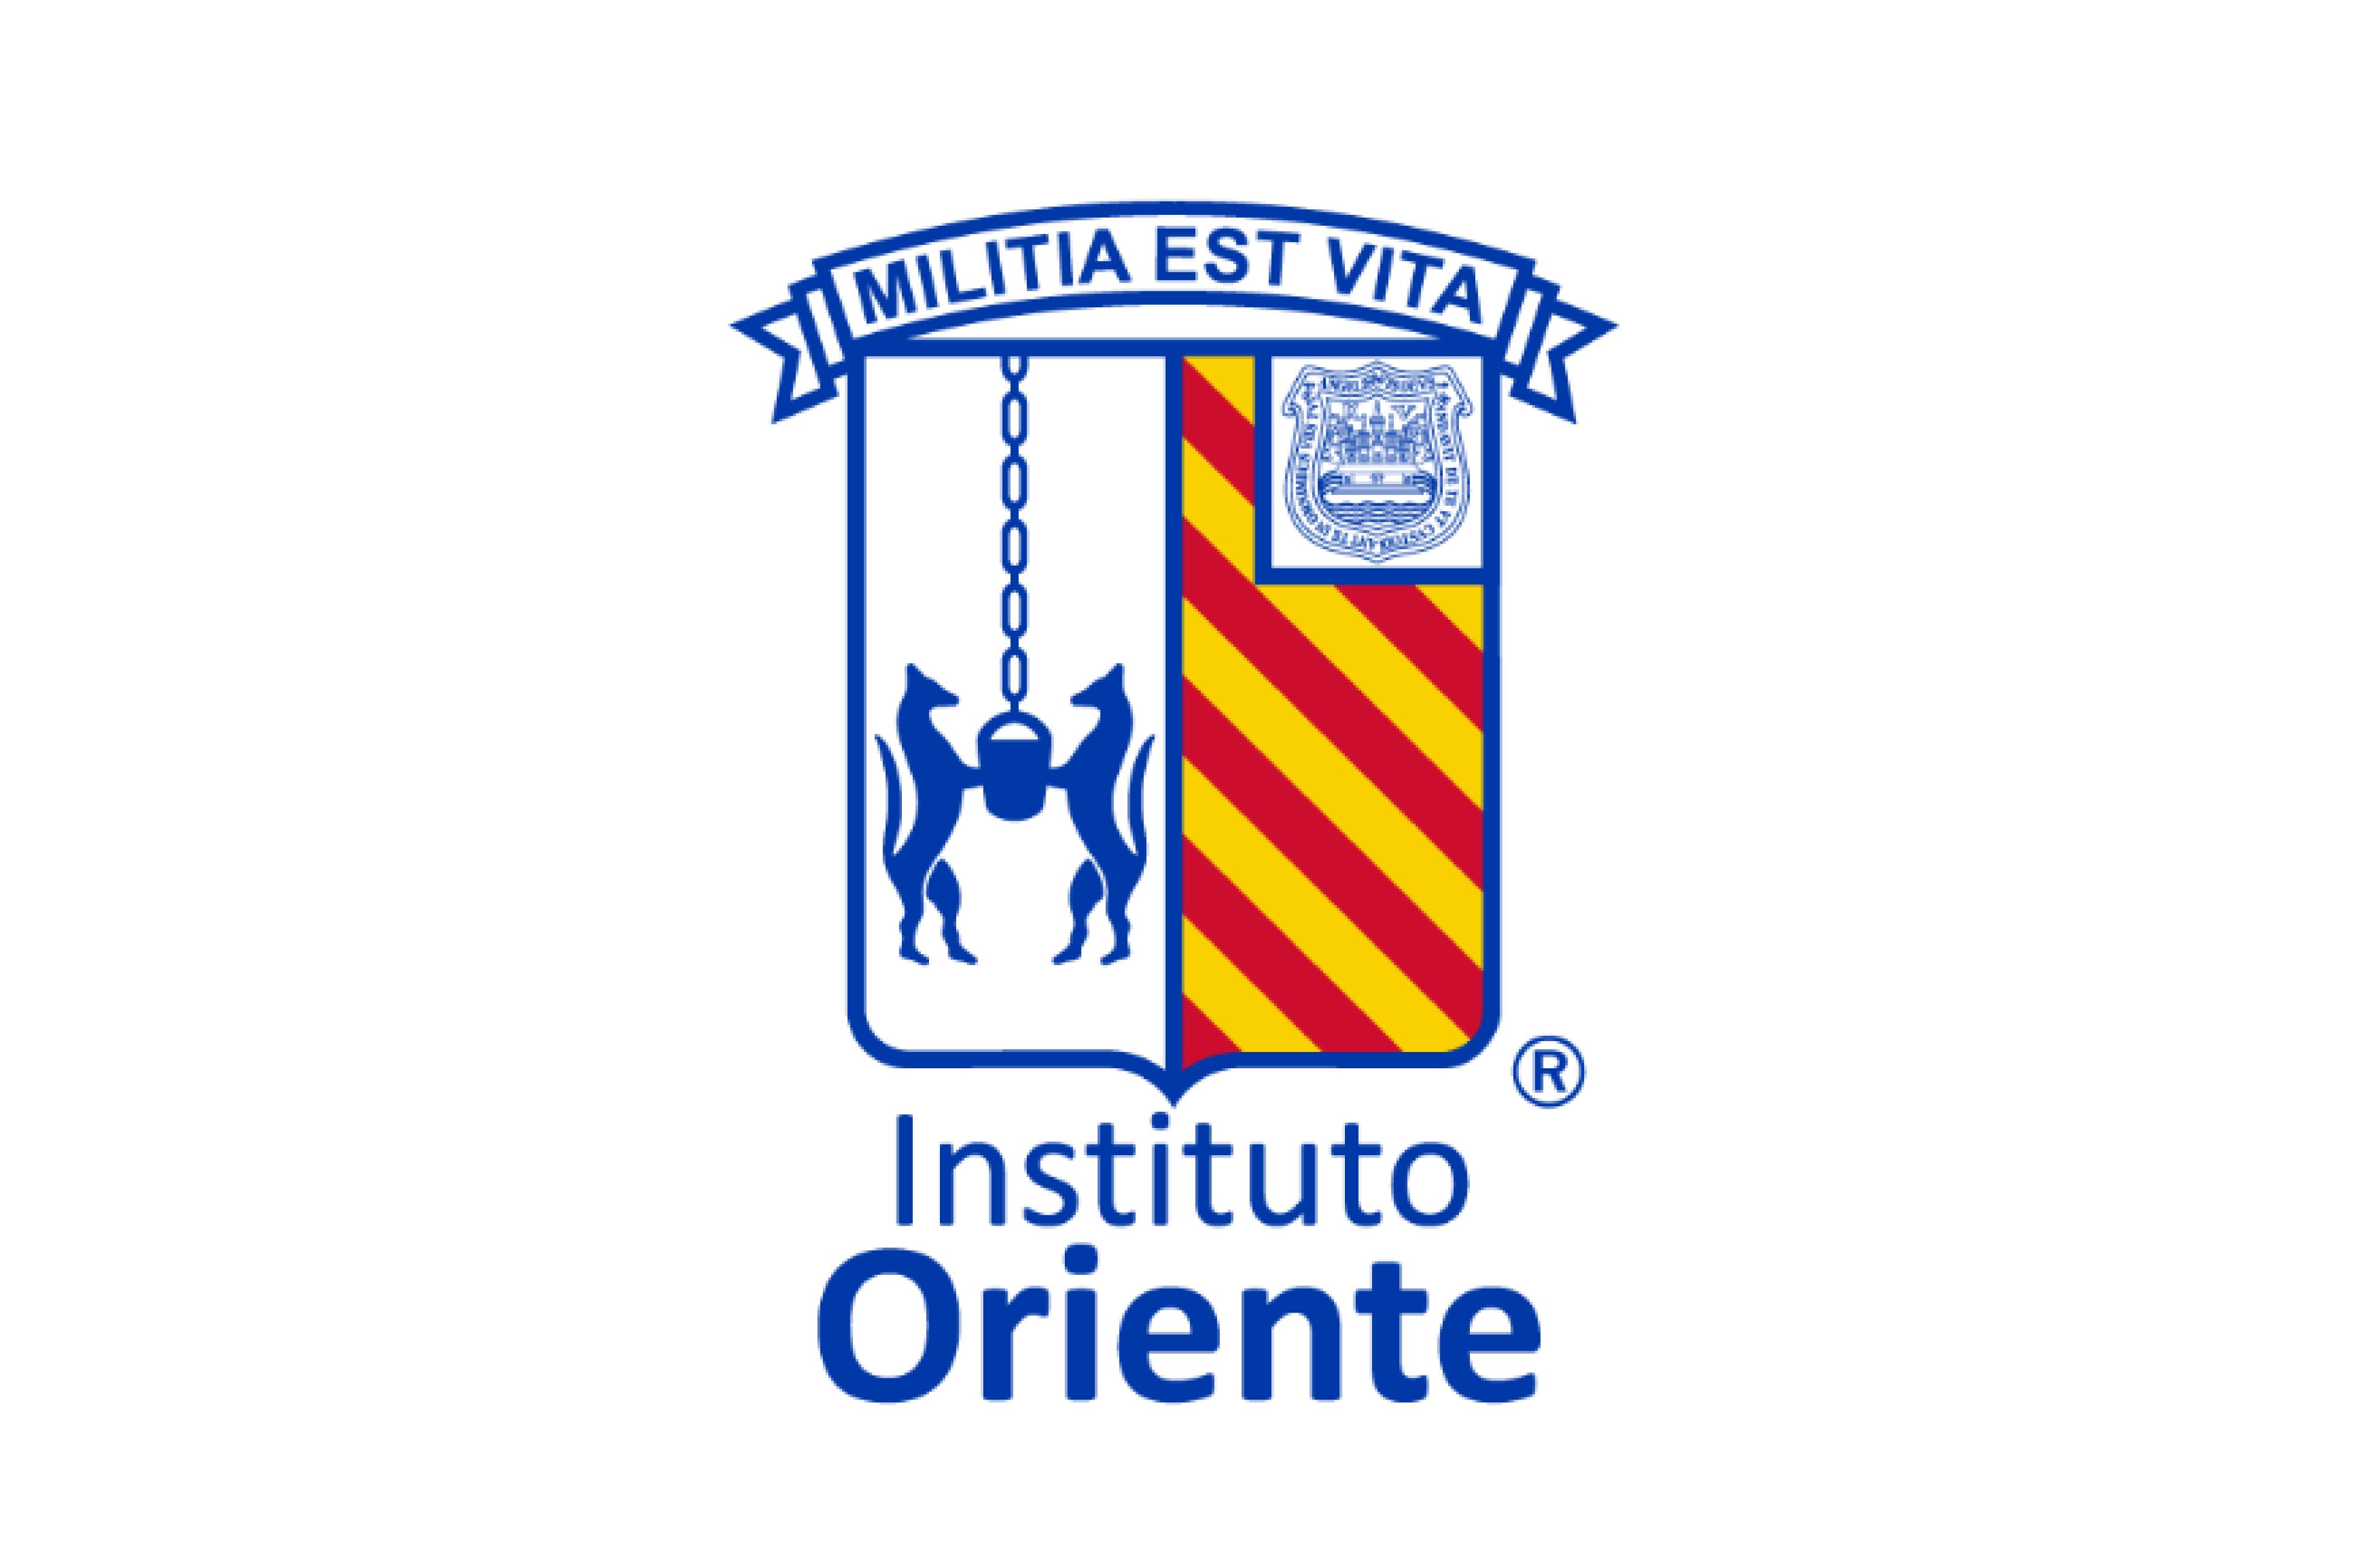 Instituto_Oriente